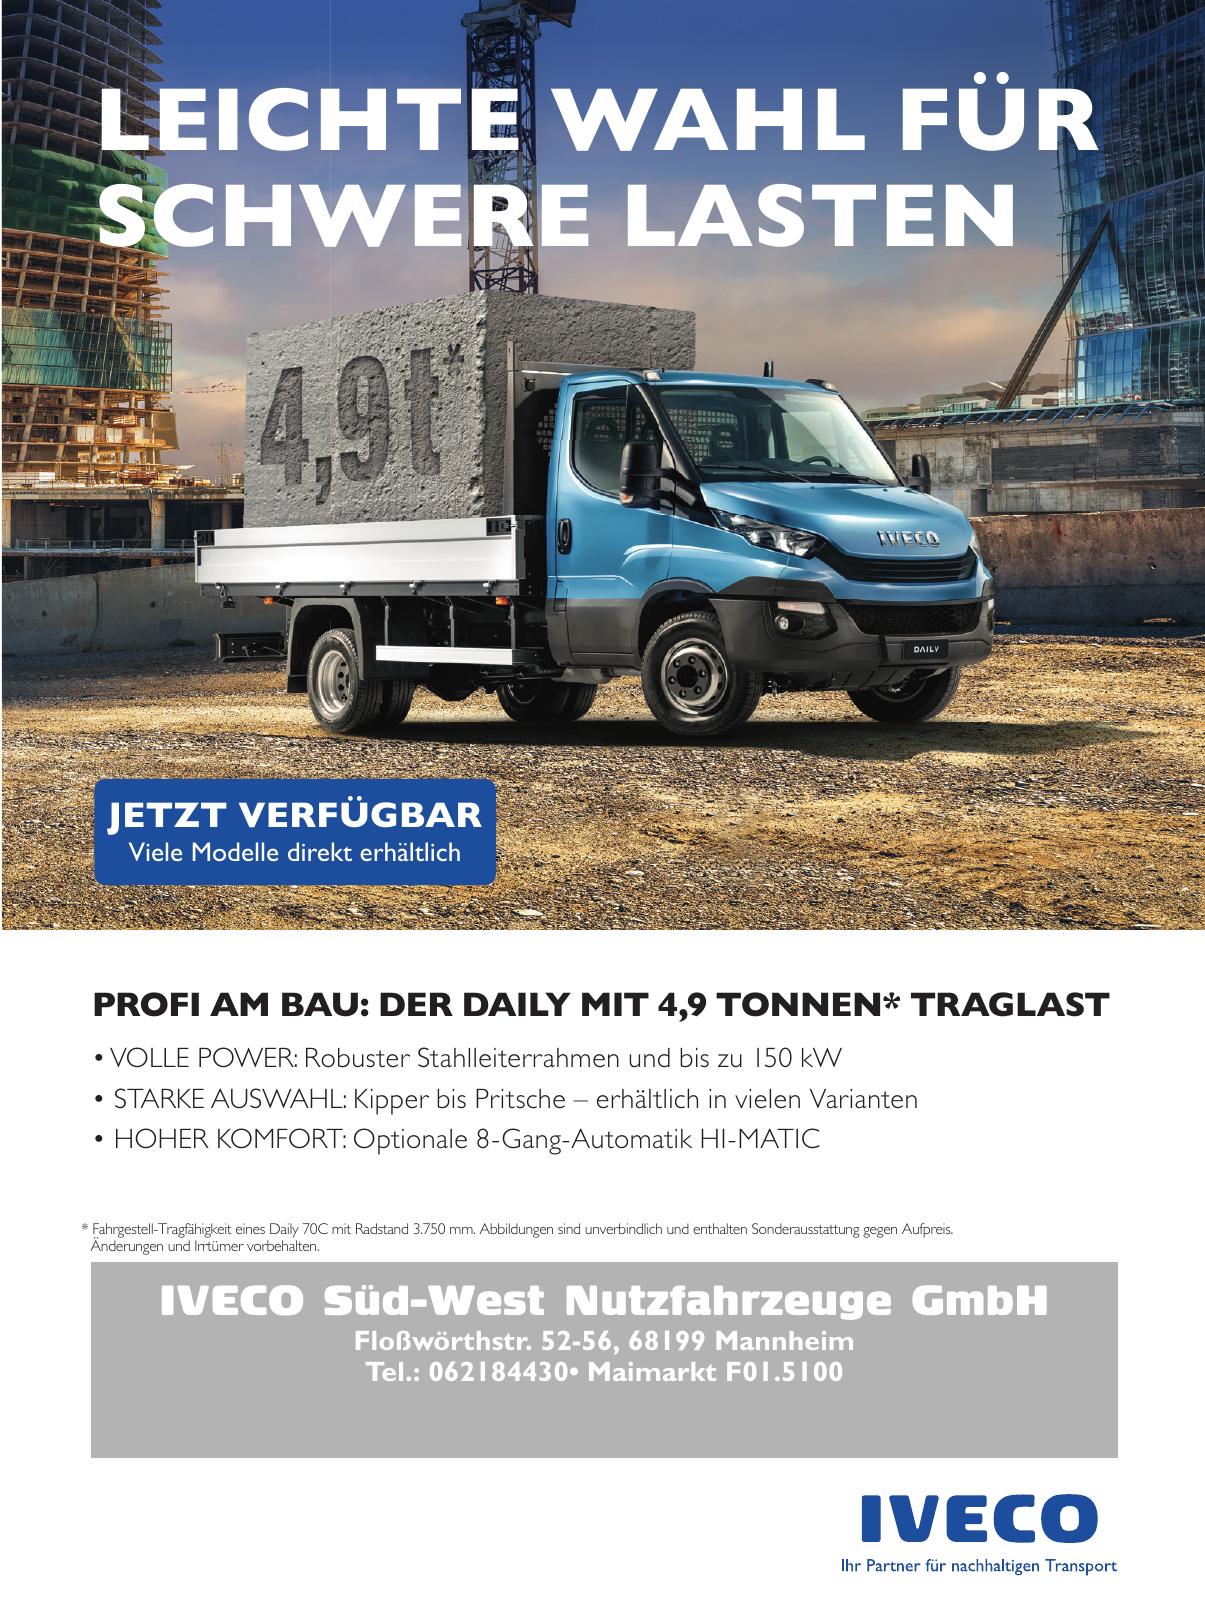 IVECO Süd-West Nutzfahrzeuge GmbH